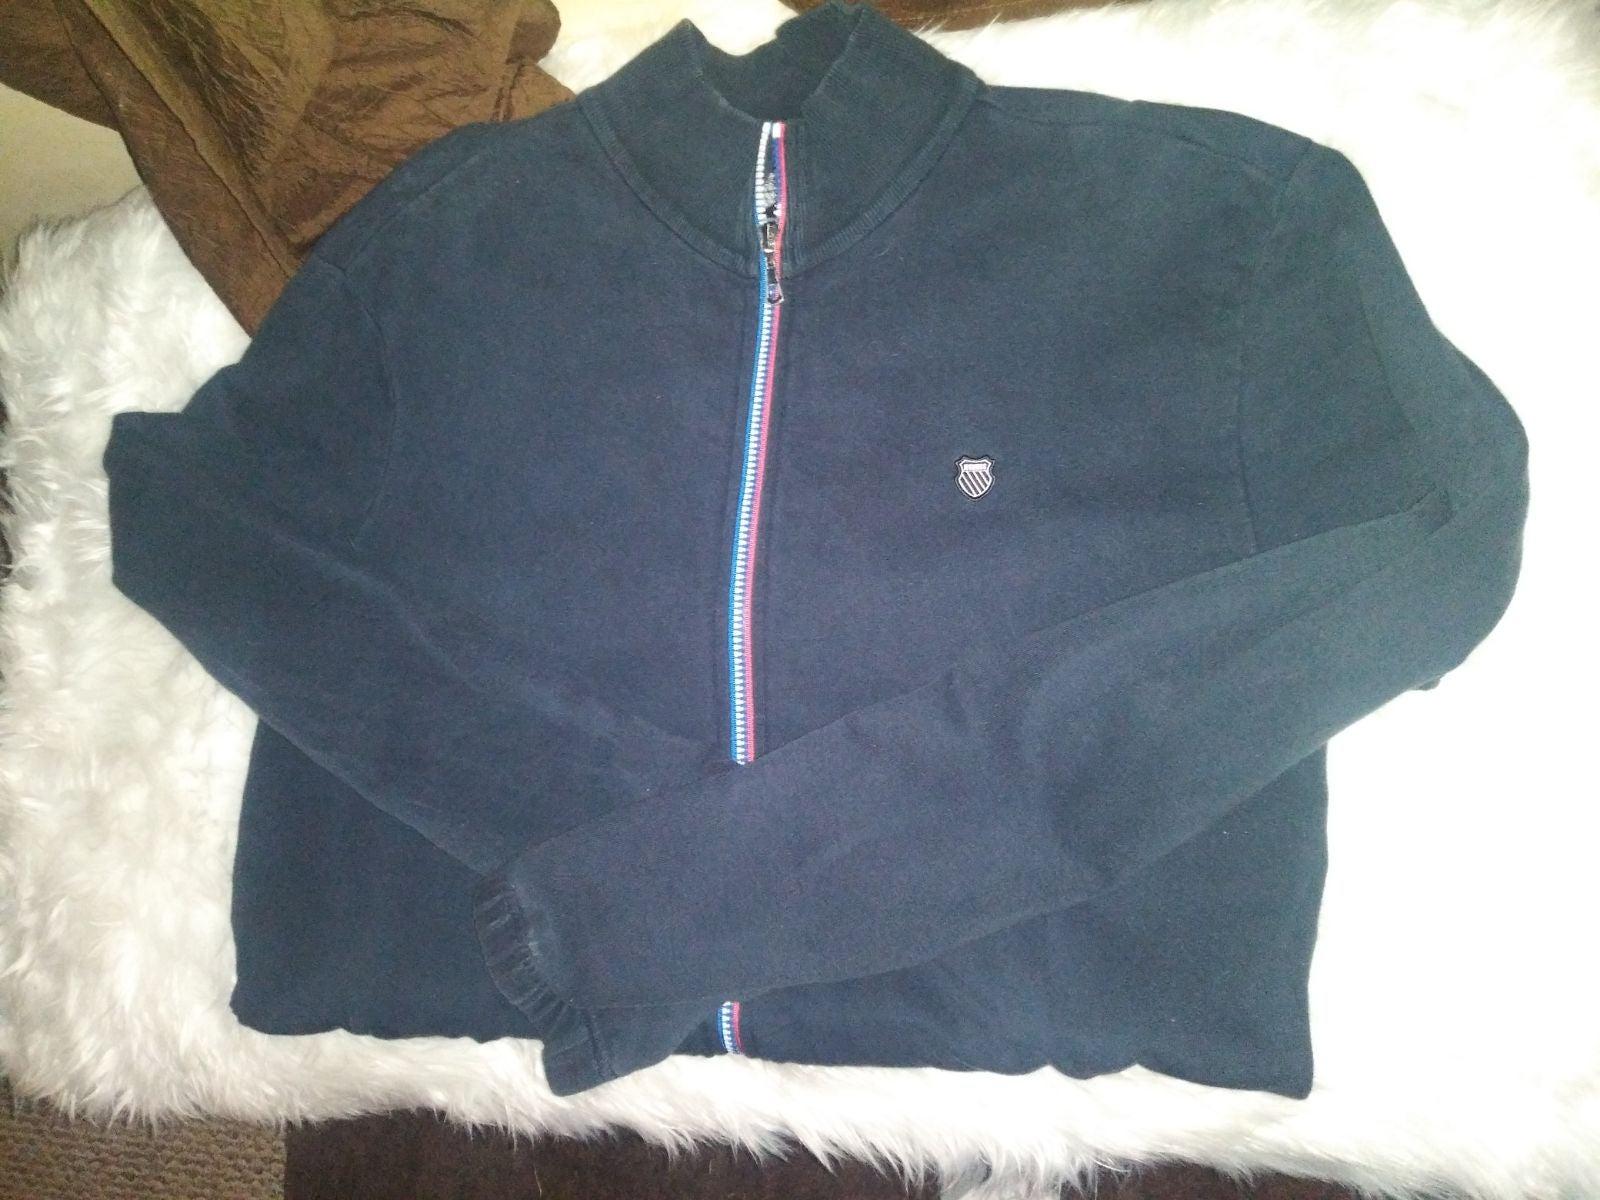 kswiss vintage jacket